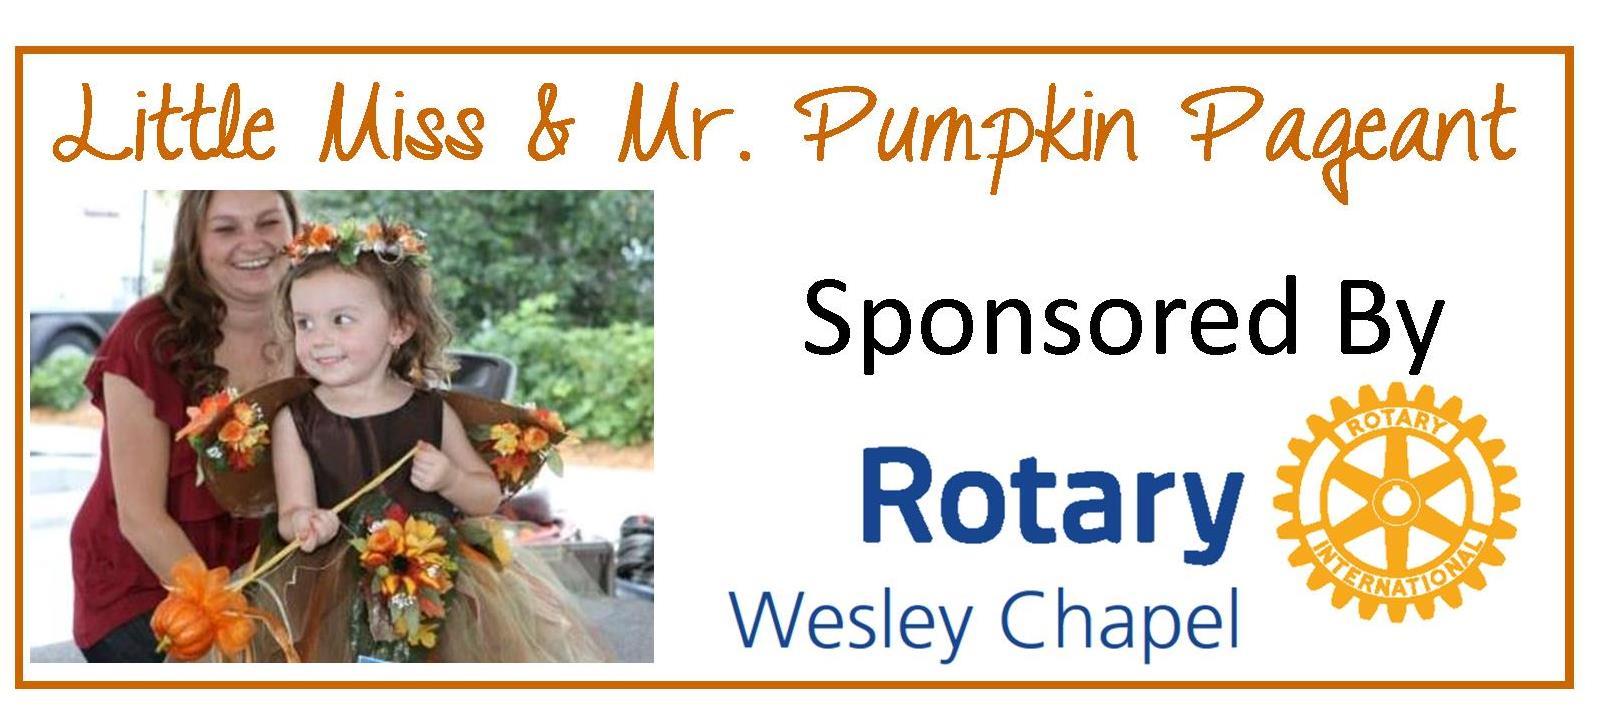 pumpkin_pageant.jpg